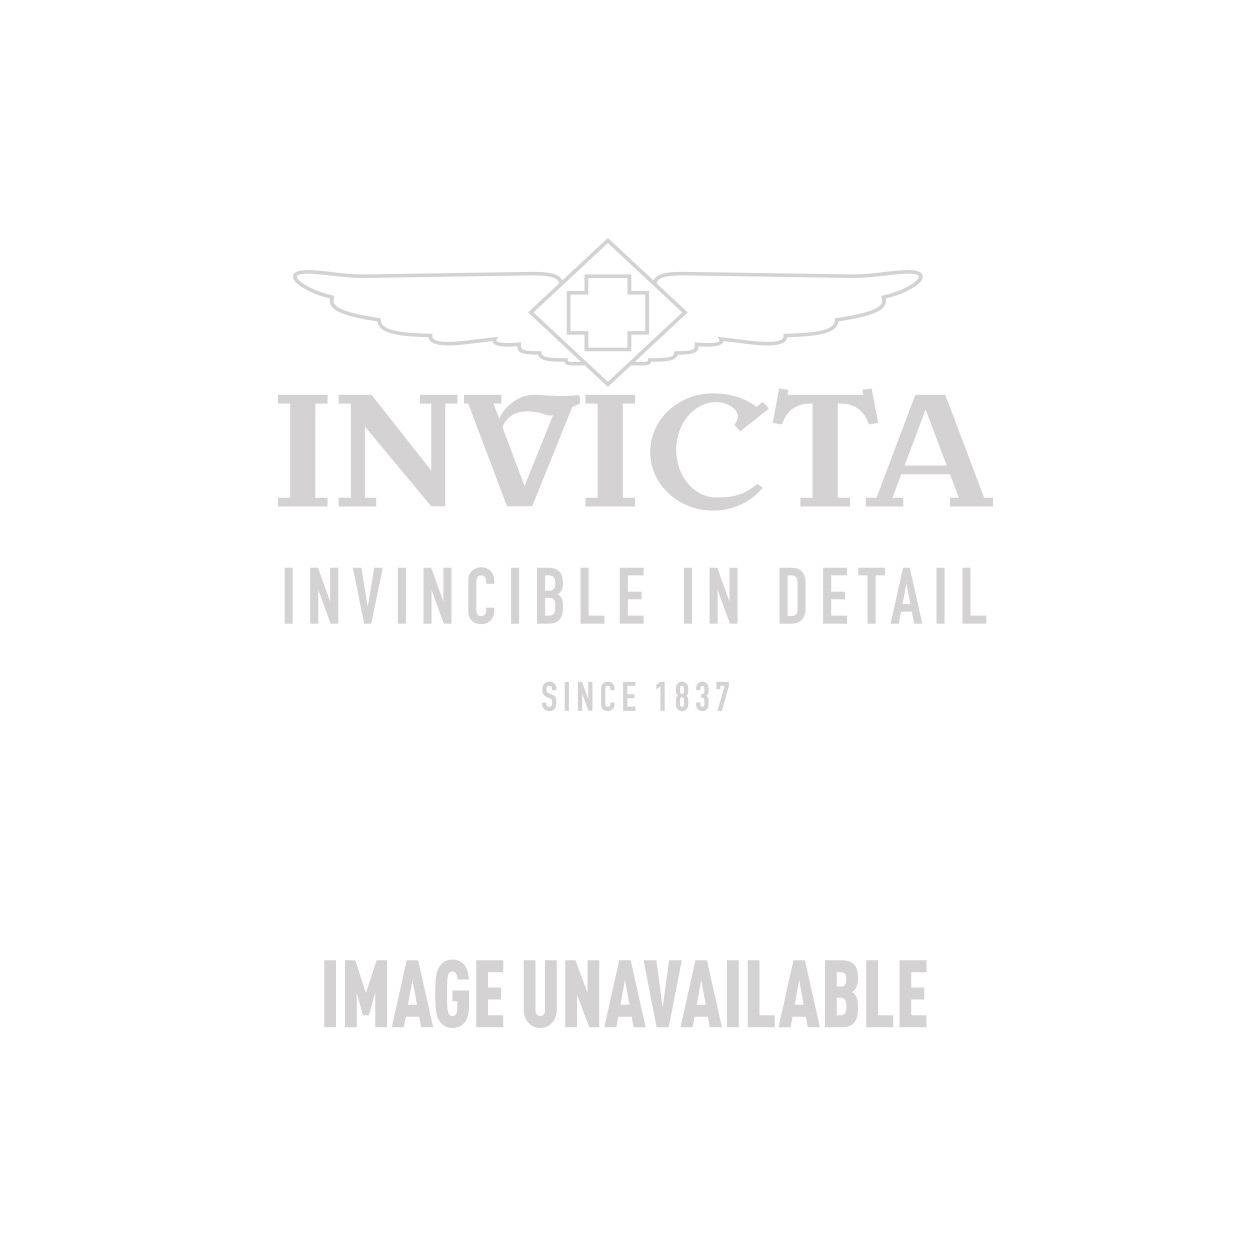 Invicta Model 25203